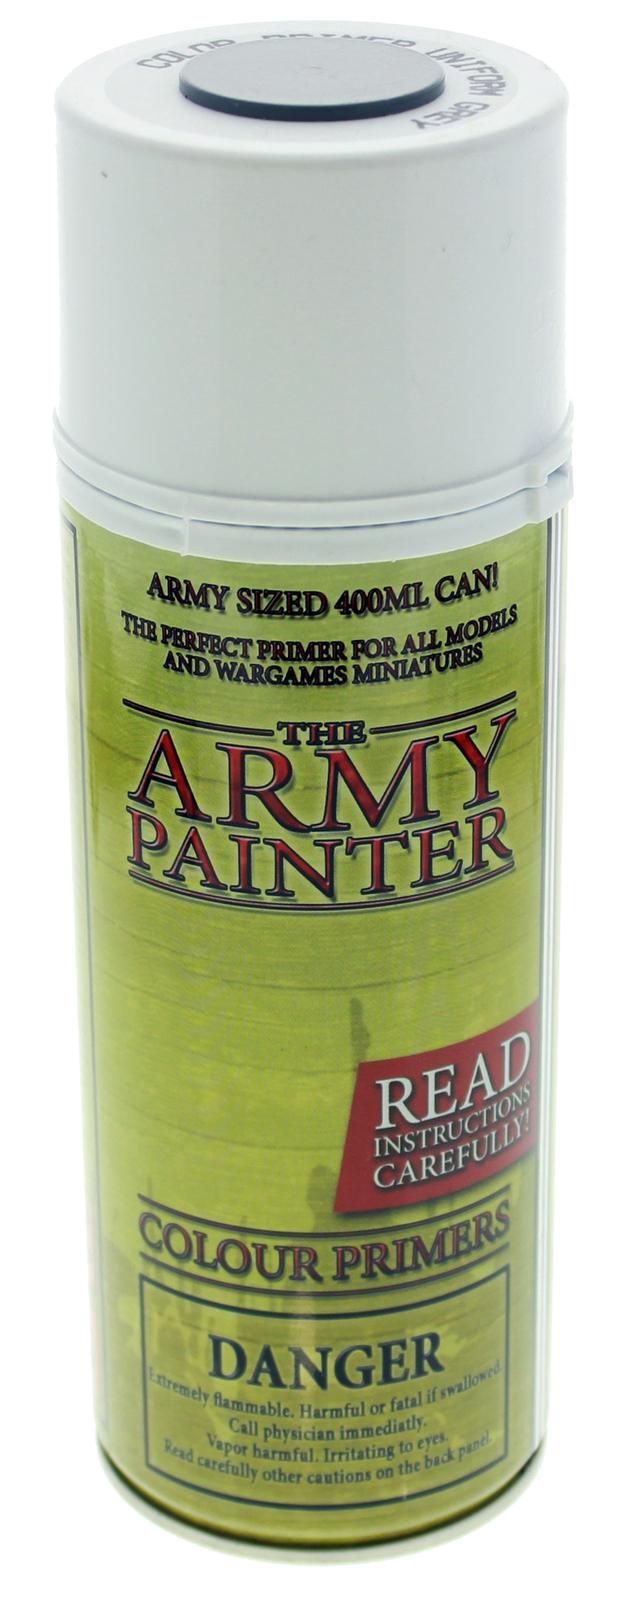 Army Painter Uniform Grey Colour Primer image